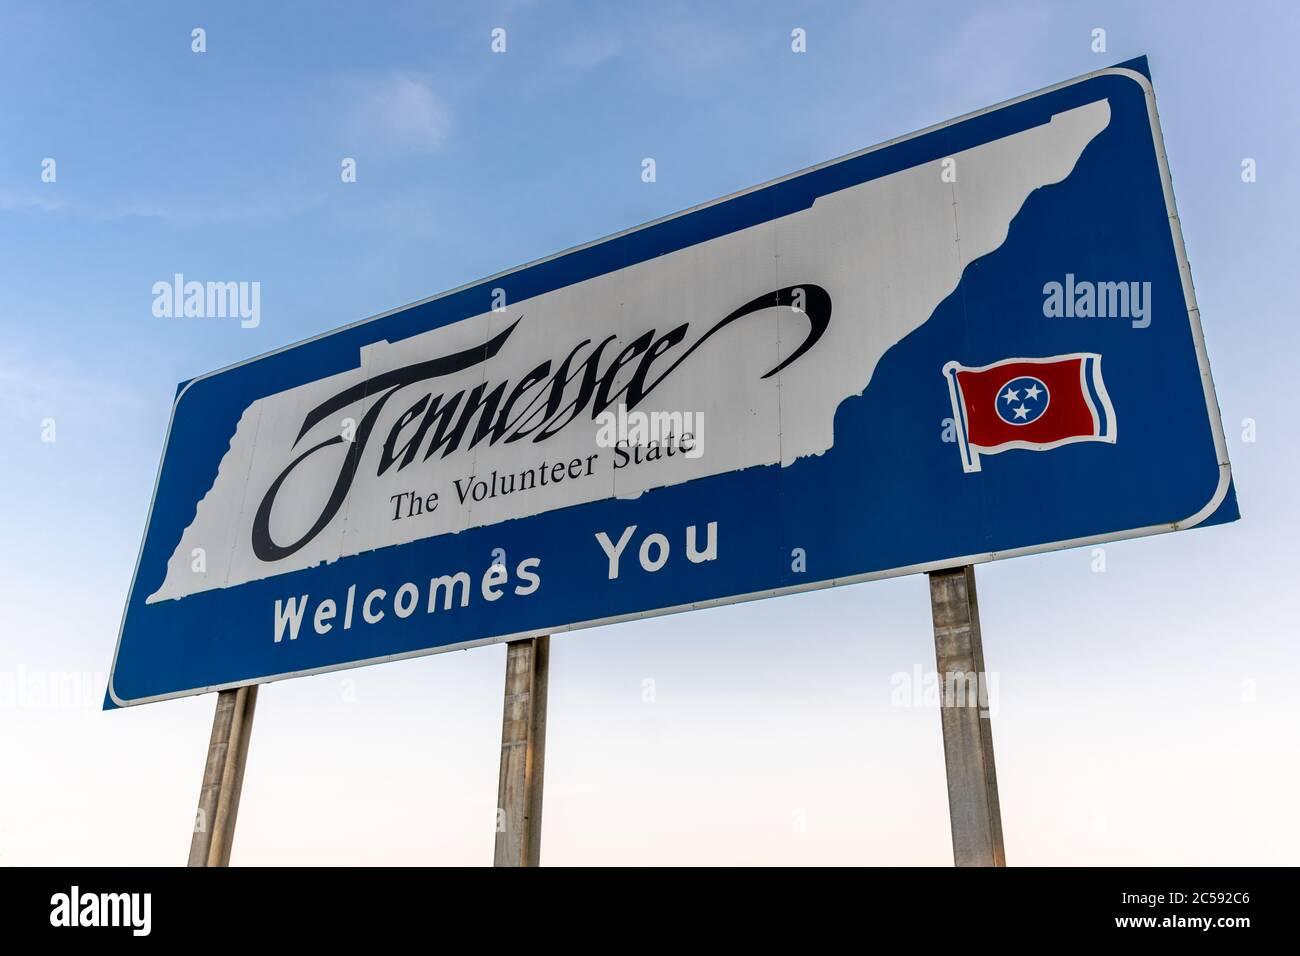 Bienvenue au panneau Tennessee sur l'autoroute Banque D'Images